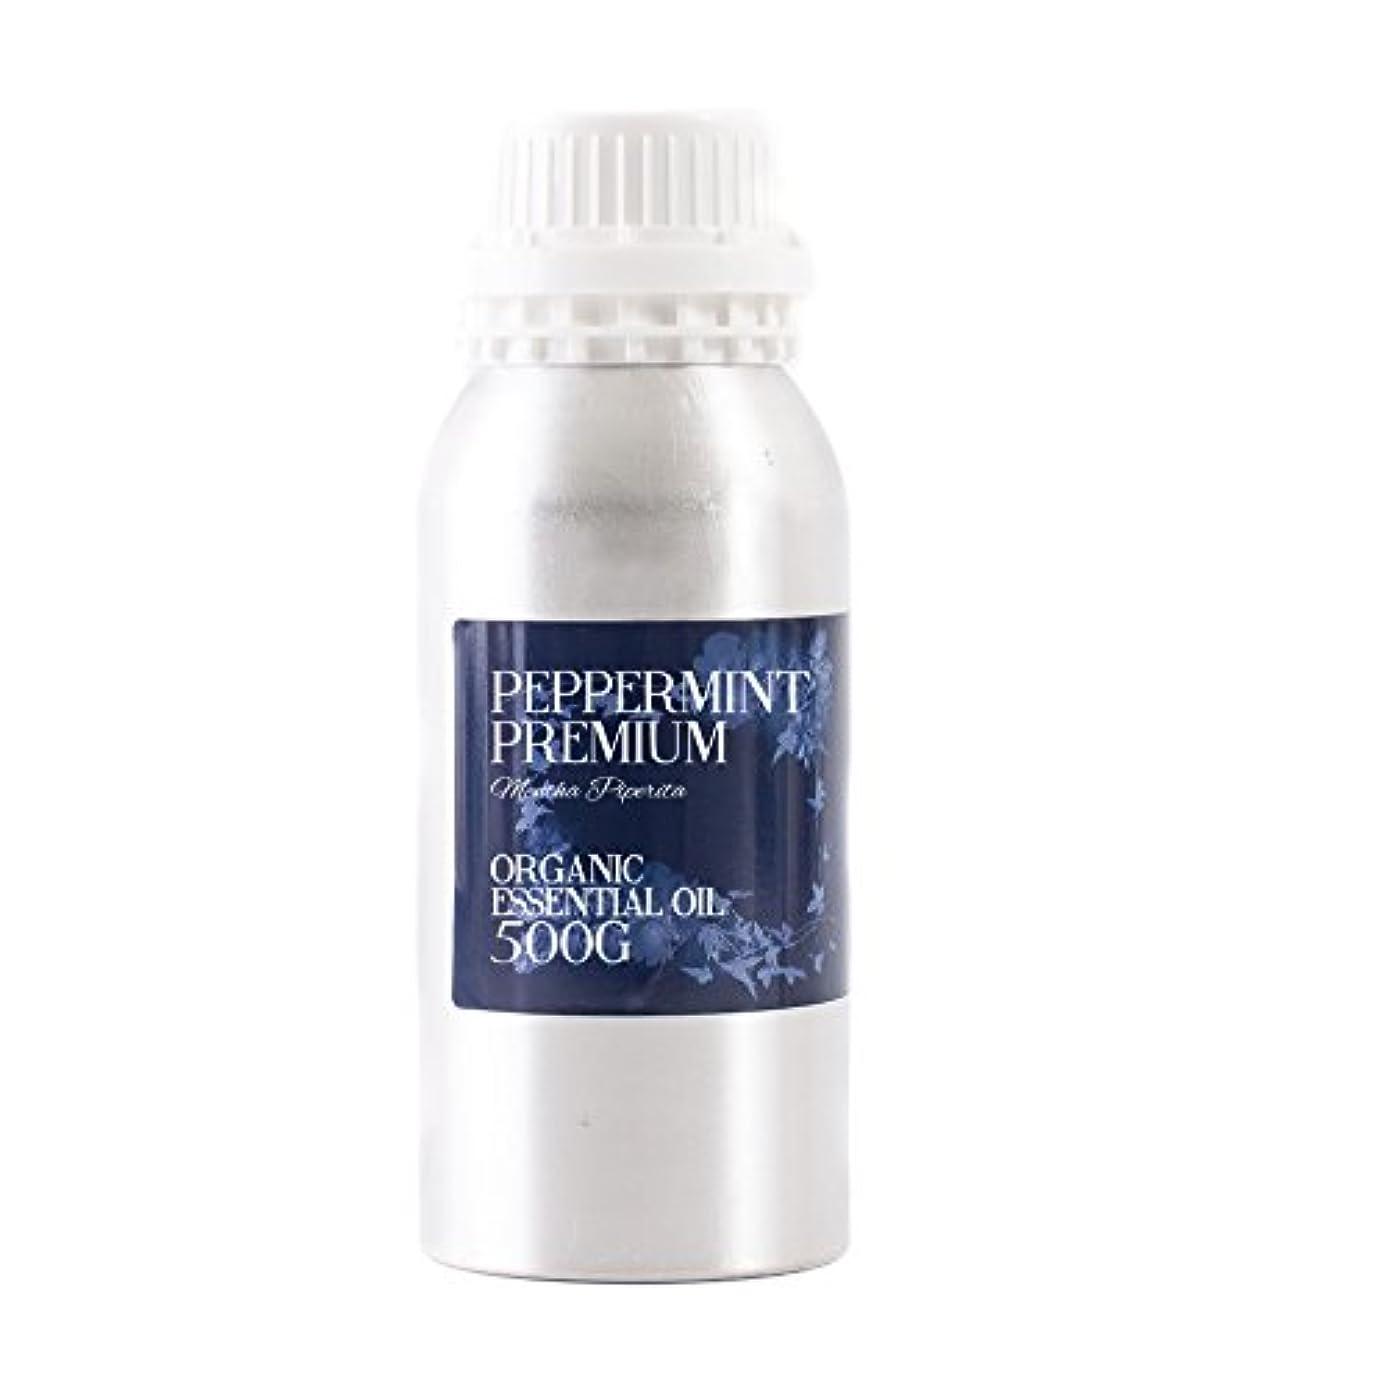 再生可能メンダシティフォルダMystic Moments | Peppermint Premium Organic Essential Oil - 500g - 100% Pure